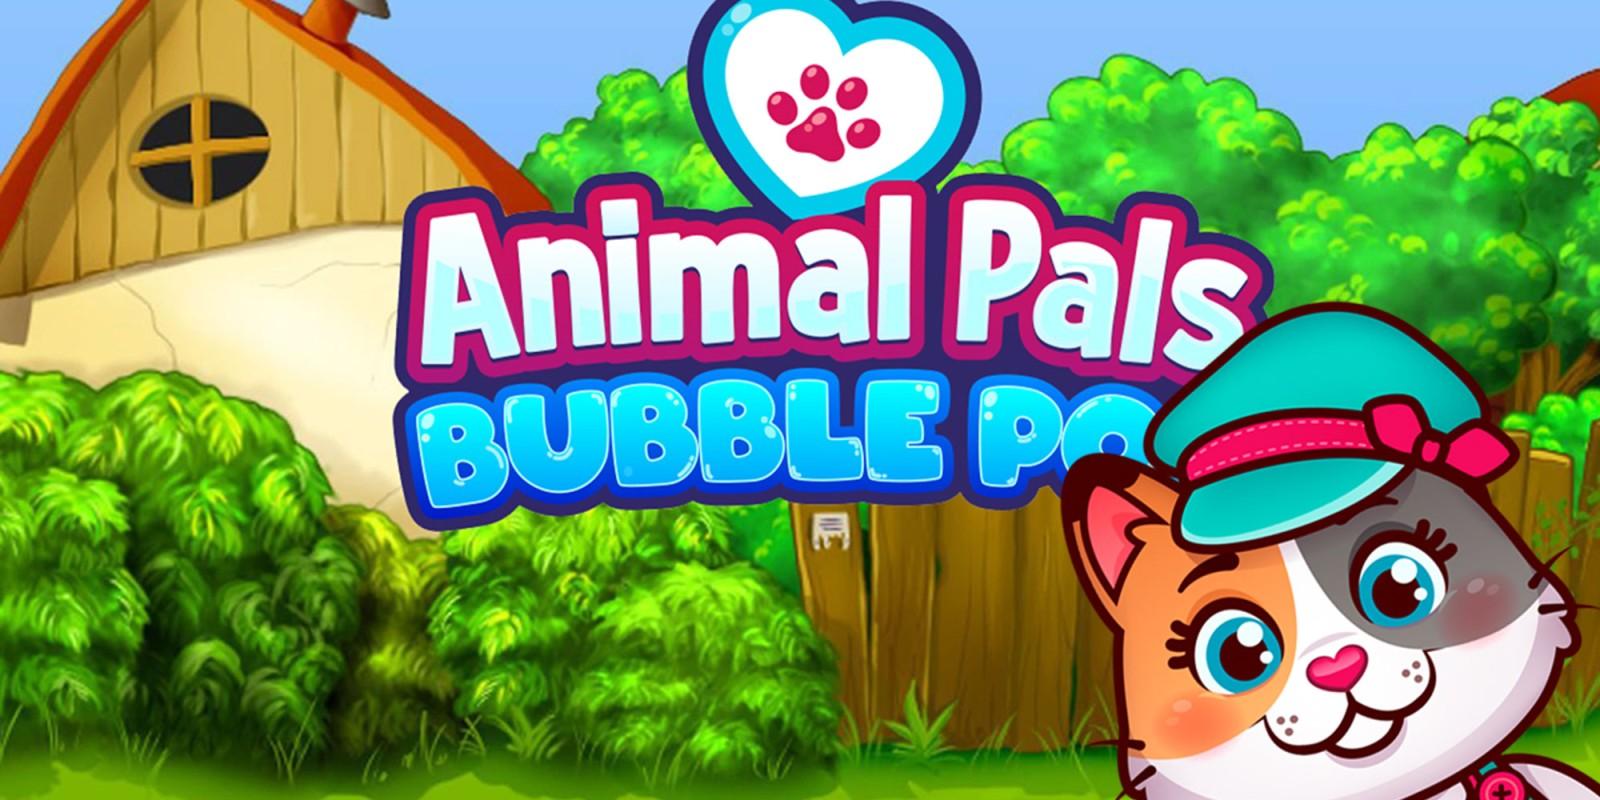 Animal Pals Bubble Pop